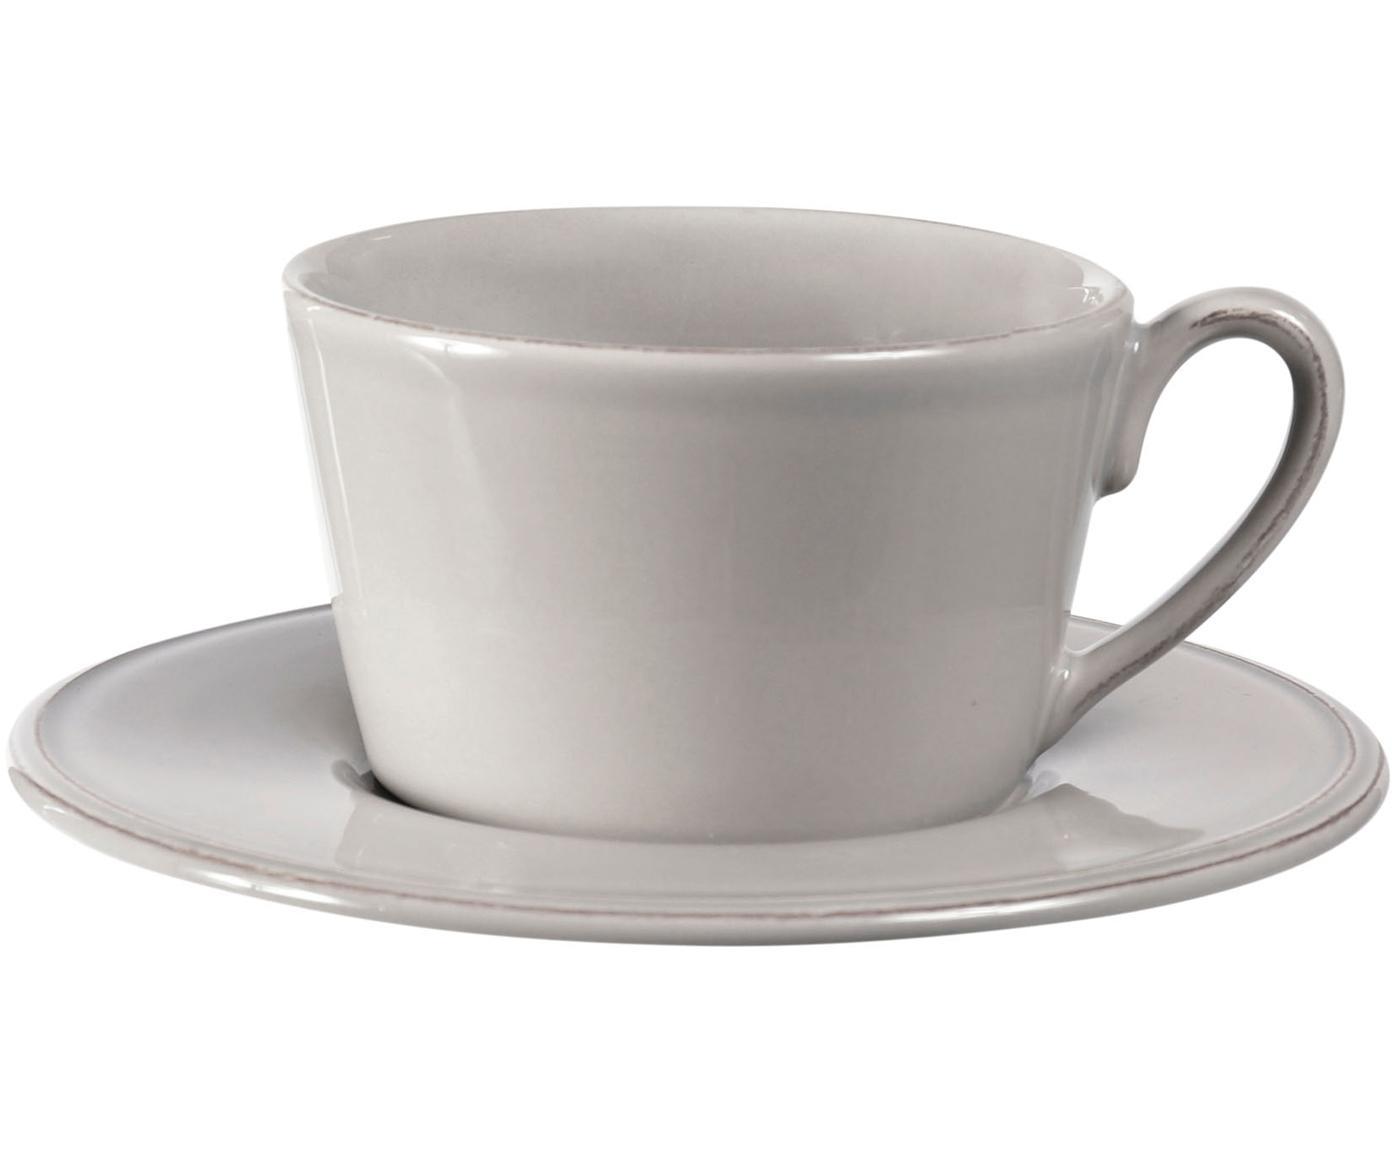 Tazza da tè con piattino Constance, Gres, Grigio, Ø 19 x Alt. 8 cm